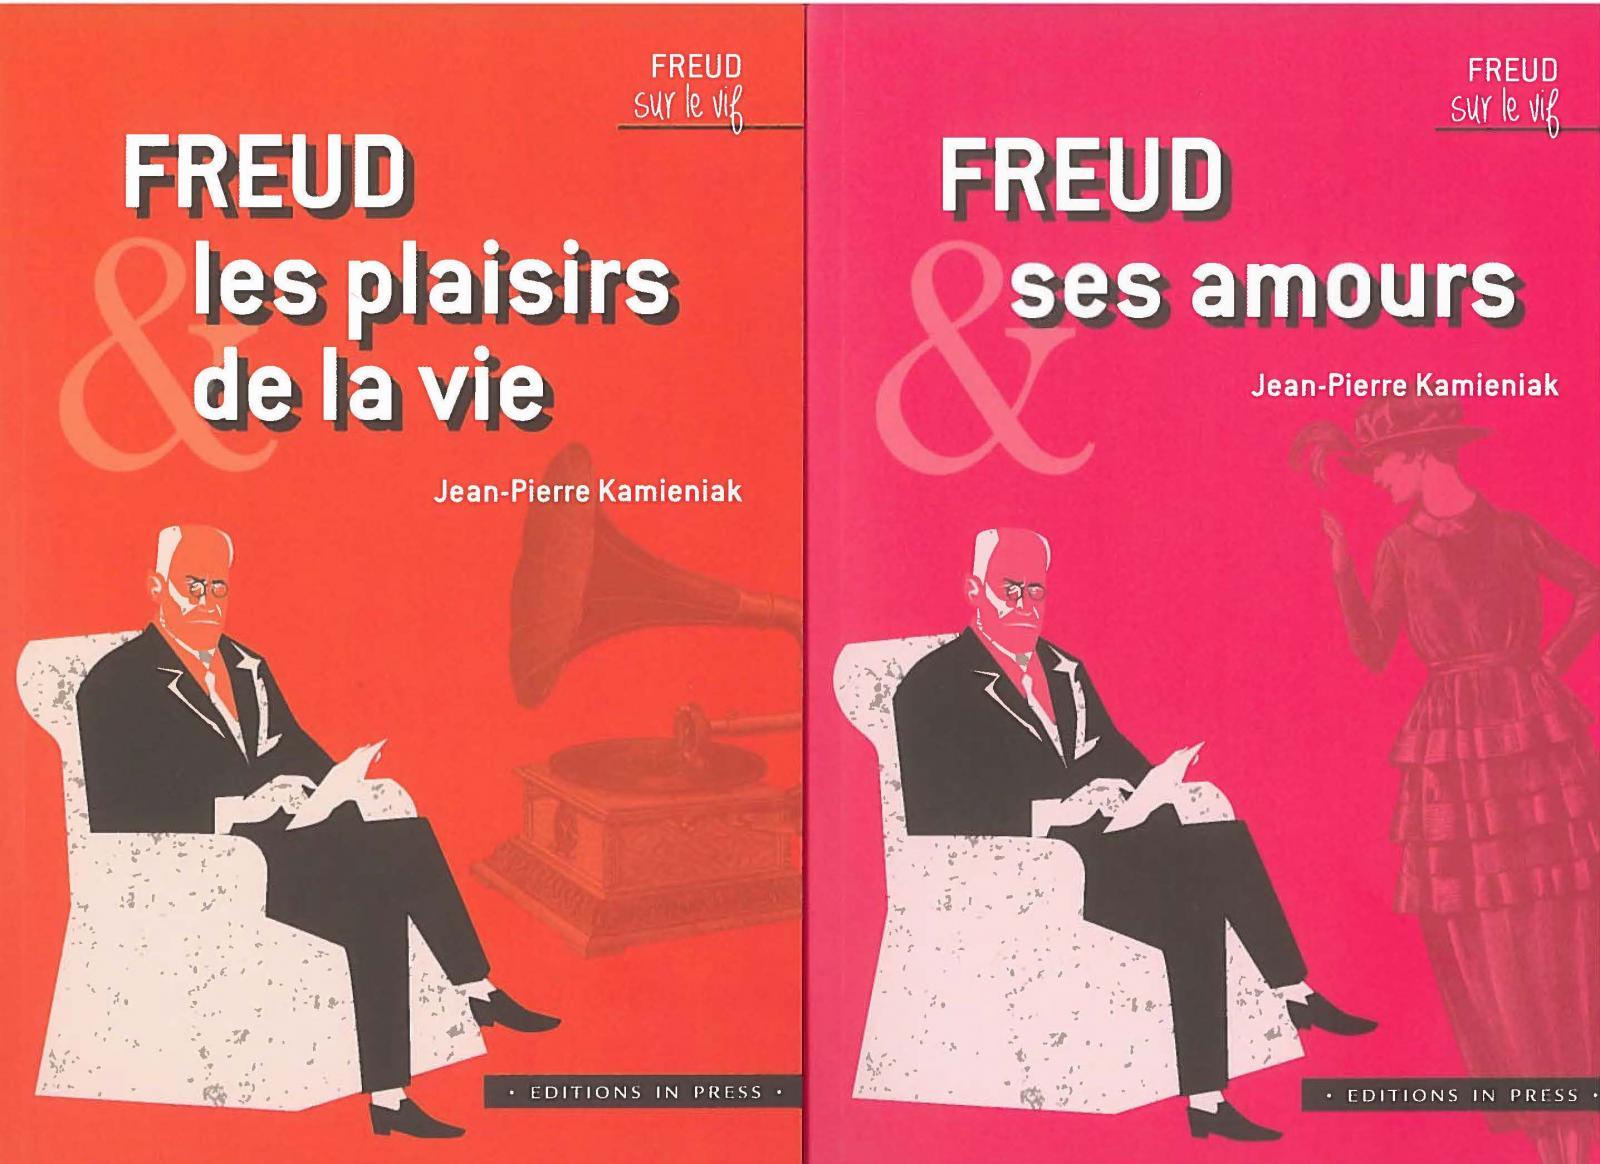 Collection Freud sur le vif